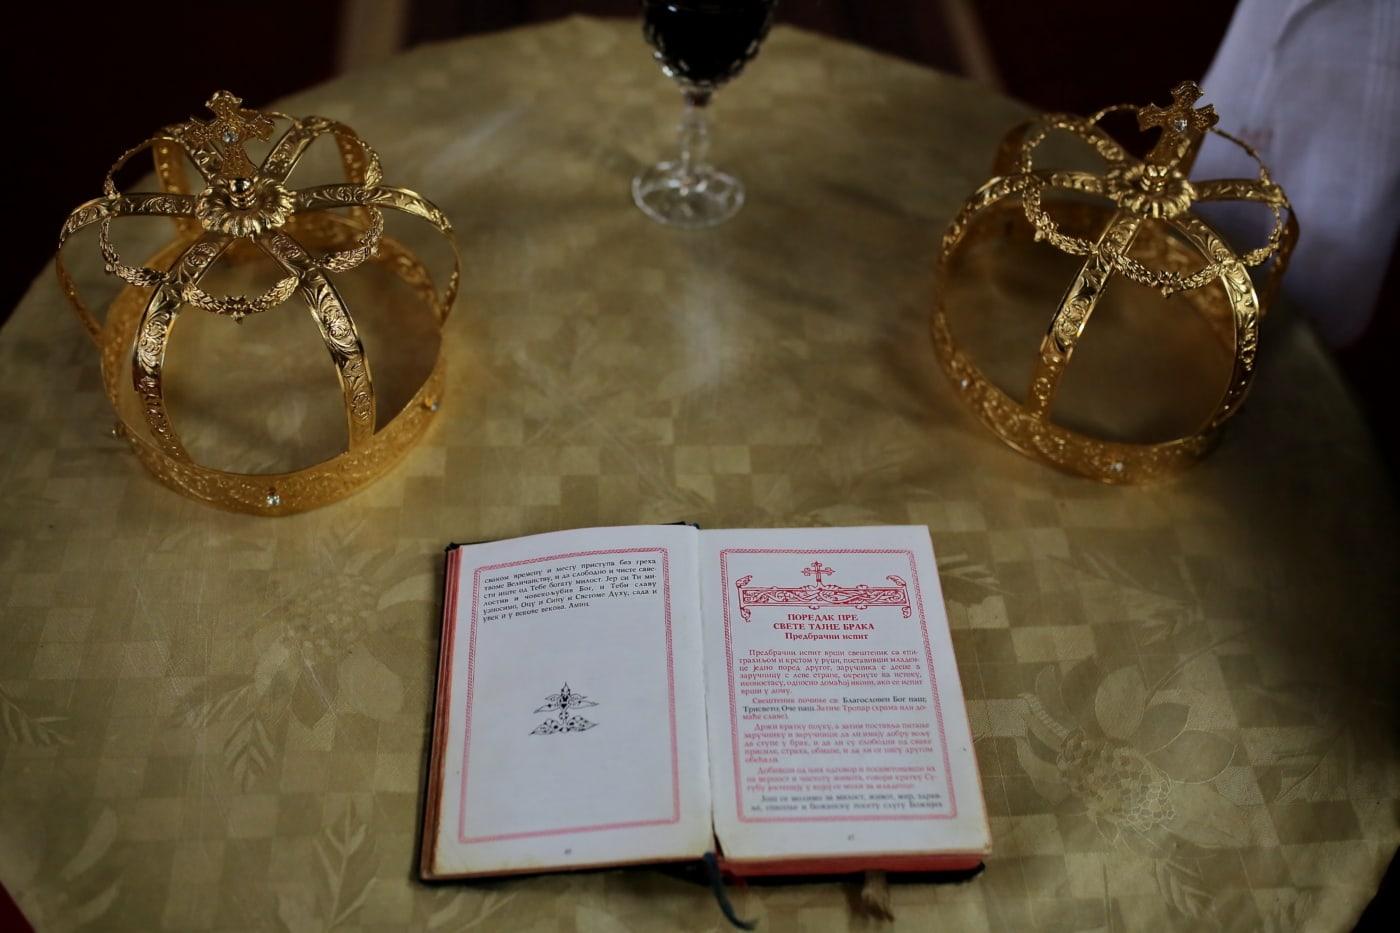 hagyomány, Biblia, korona, koronázás, esküvő, vallási, könyv, arany, téli, ragyogó